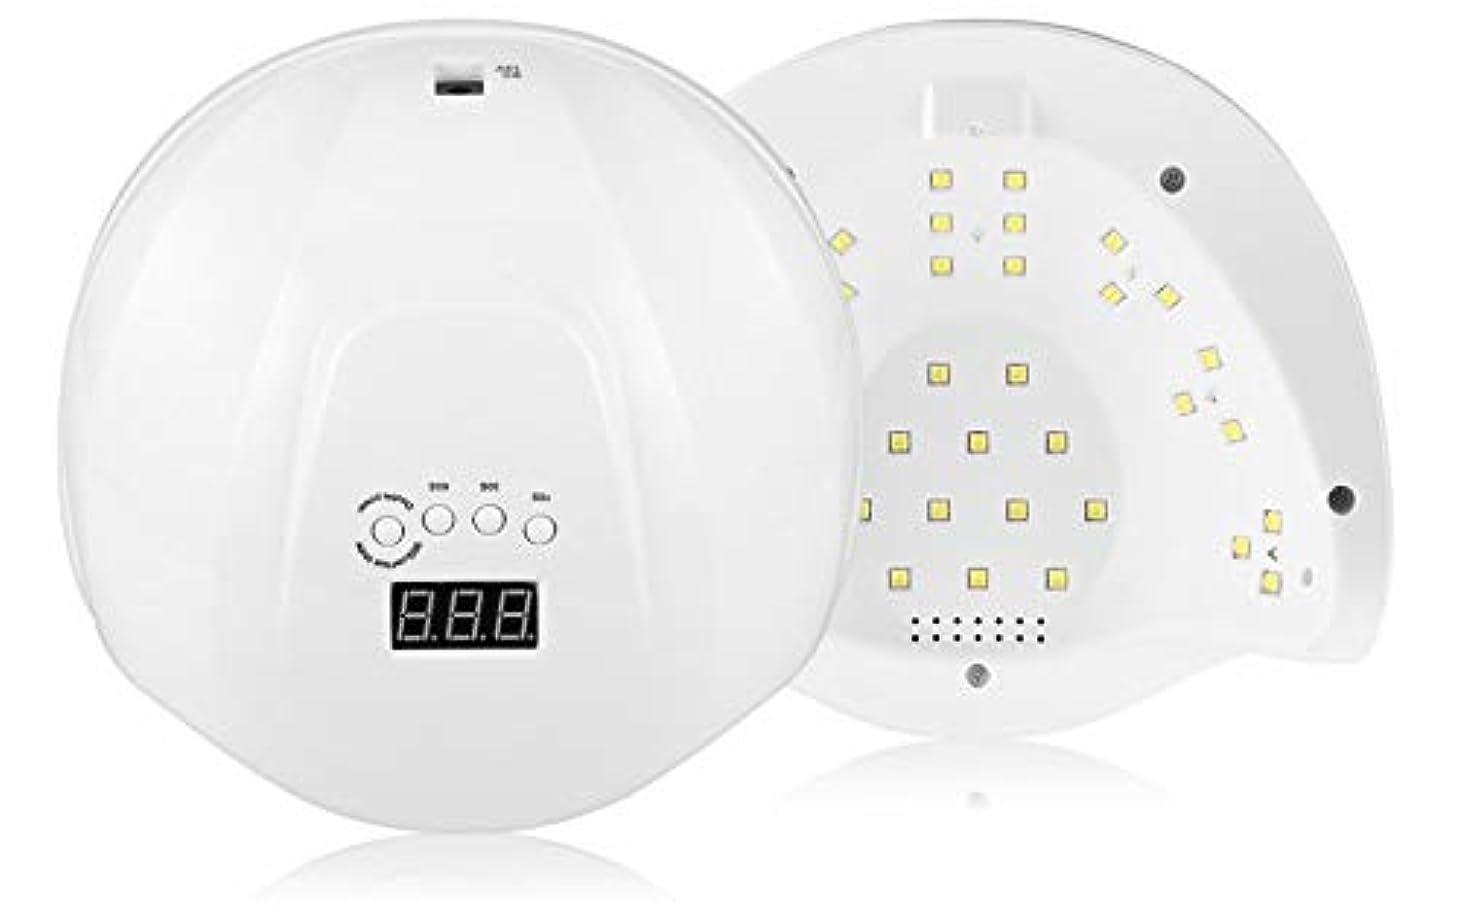 語箱意気込みA AcreatspaceプロフェッショナルジェルポリッシュLEDネイルドライヤーランプモーション赤外線センサー36LEDs LED/UV硬化ランプ付きLCDスクリーンタイマー設定